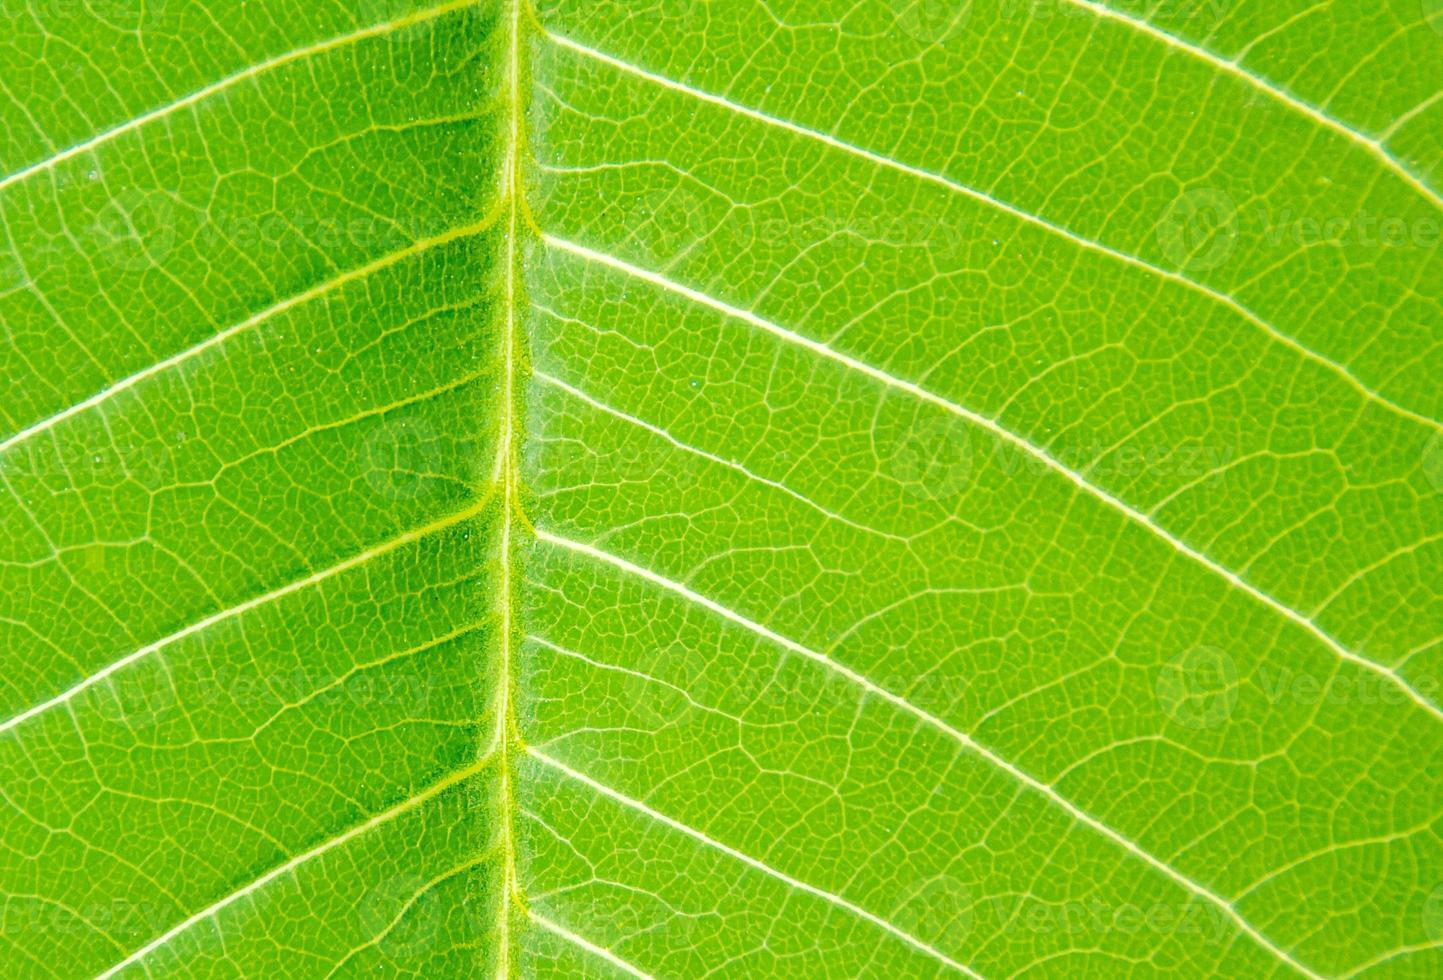 das grüne Blatt auf der Natur foto